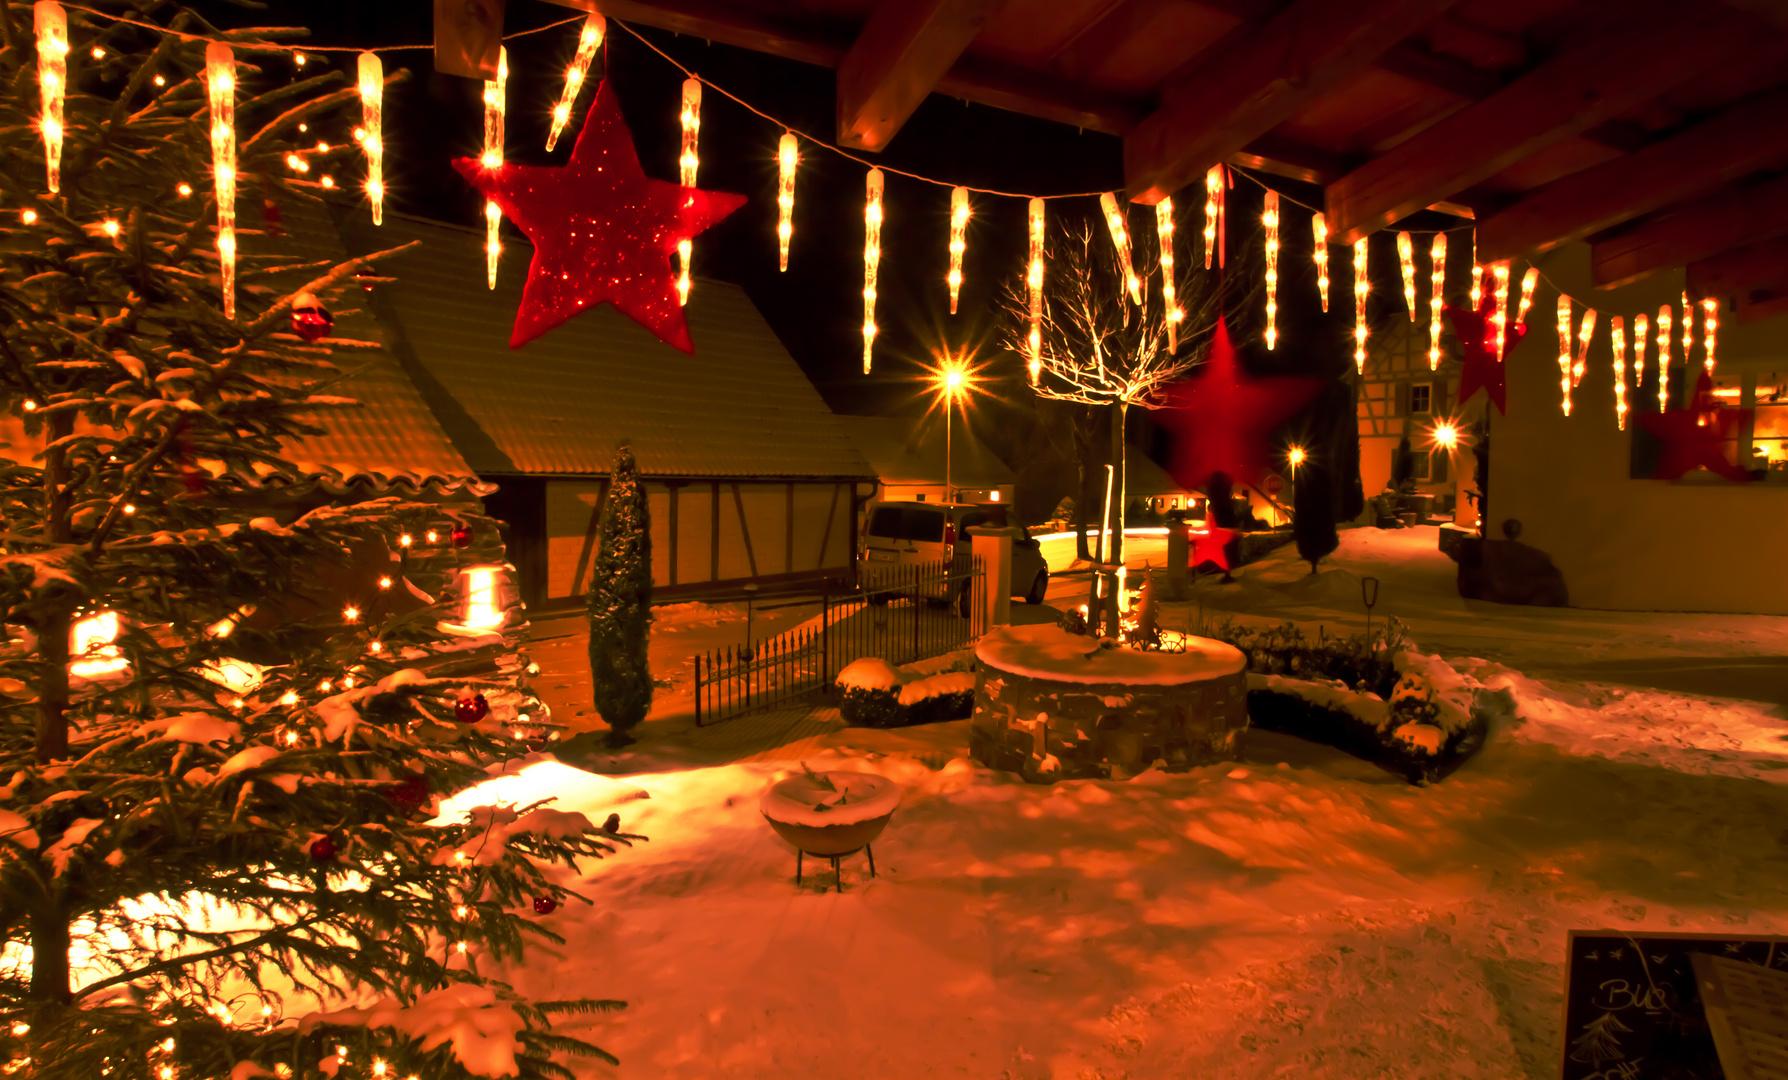 eine sch ne adventszeit foto bild gratulation und feiertage weihnachten christmas. Black Bedroom Furniture Sets. Home Design Ideas